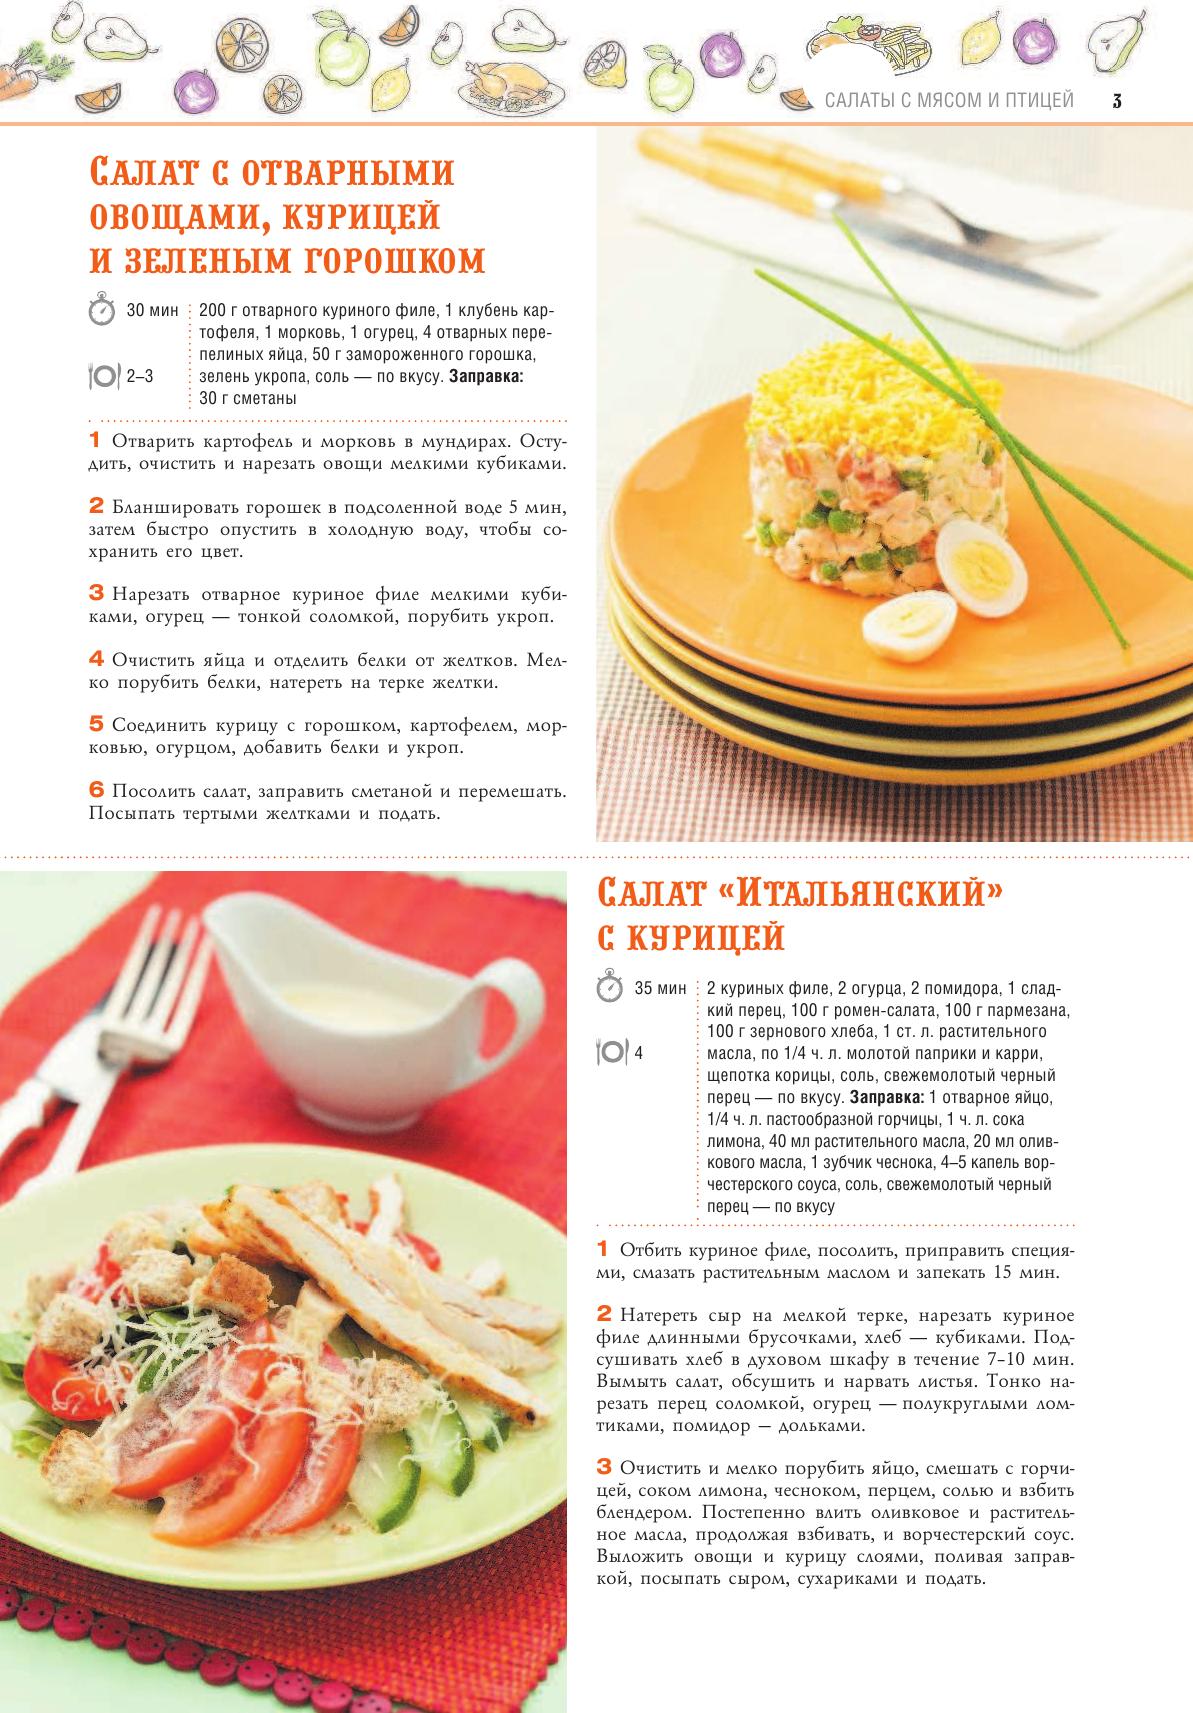 Рецепт легкого салата на каждый день с